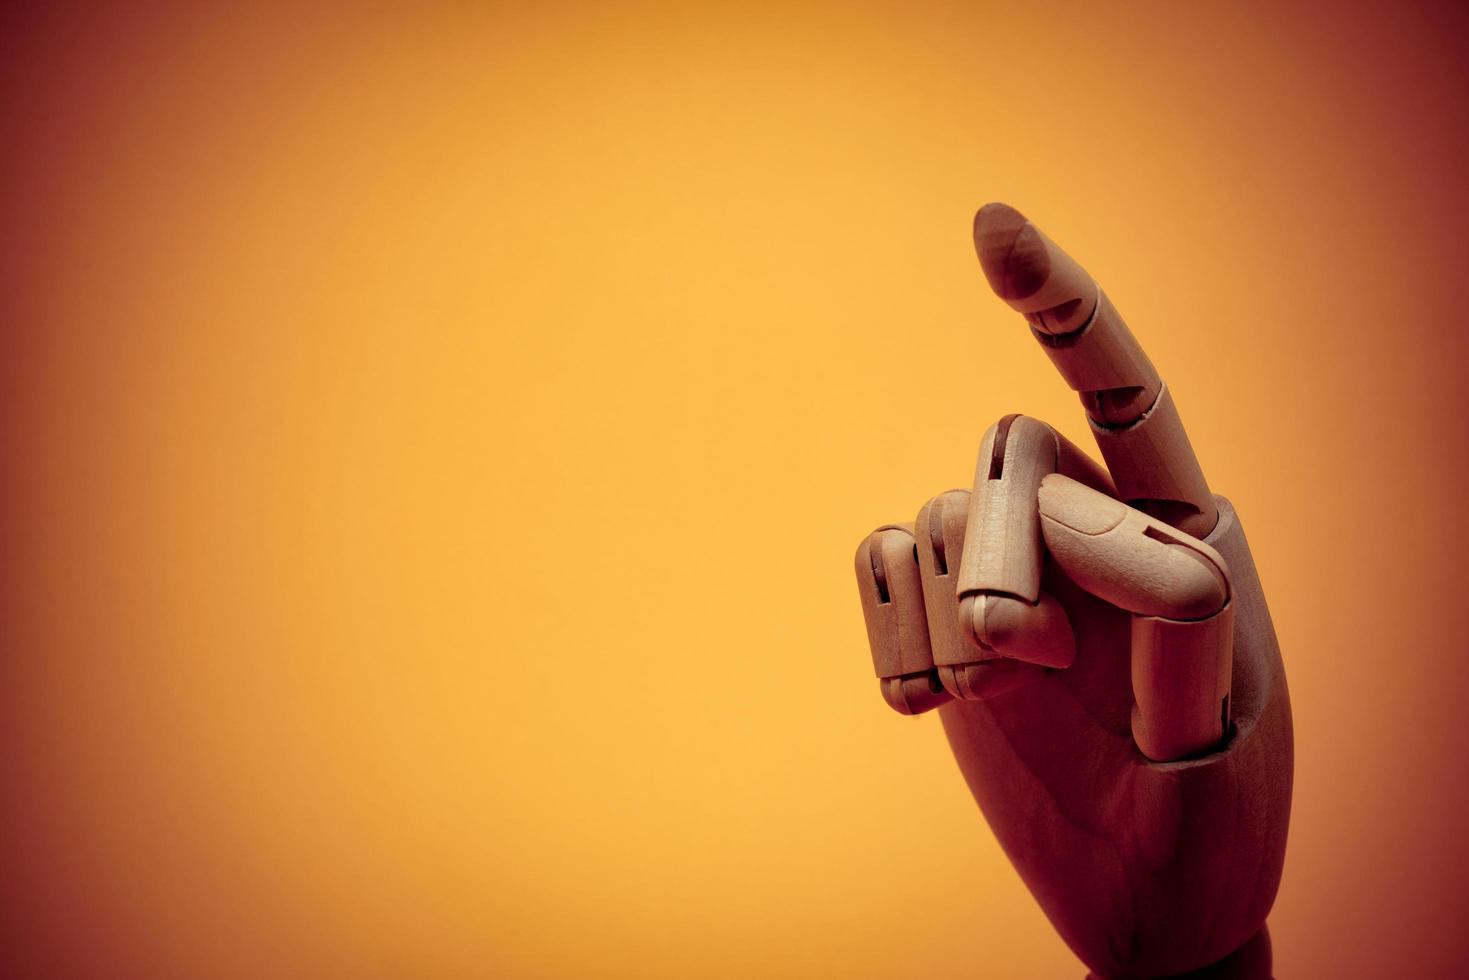 houten dummy hand wijzend op onzichtbaar object foto